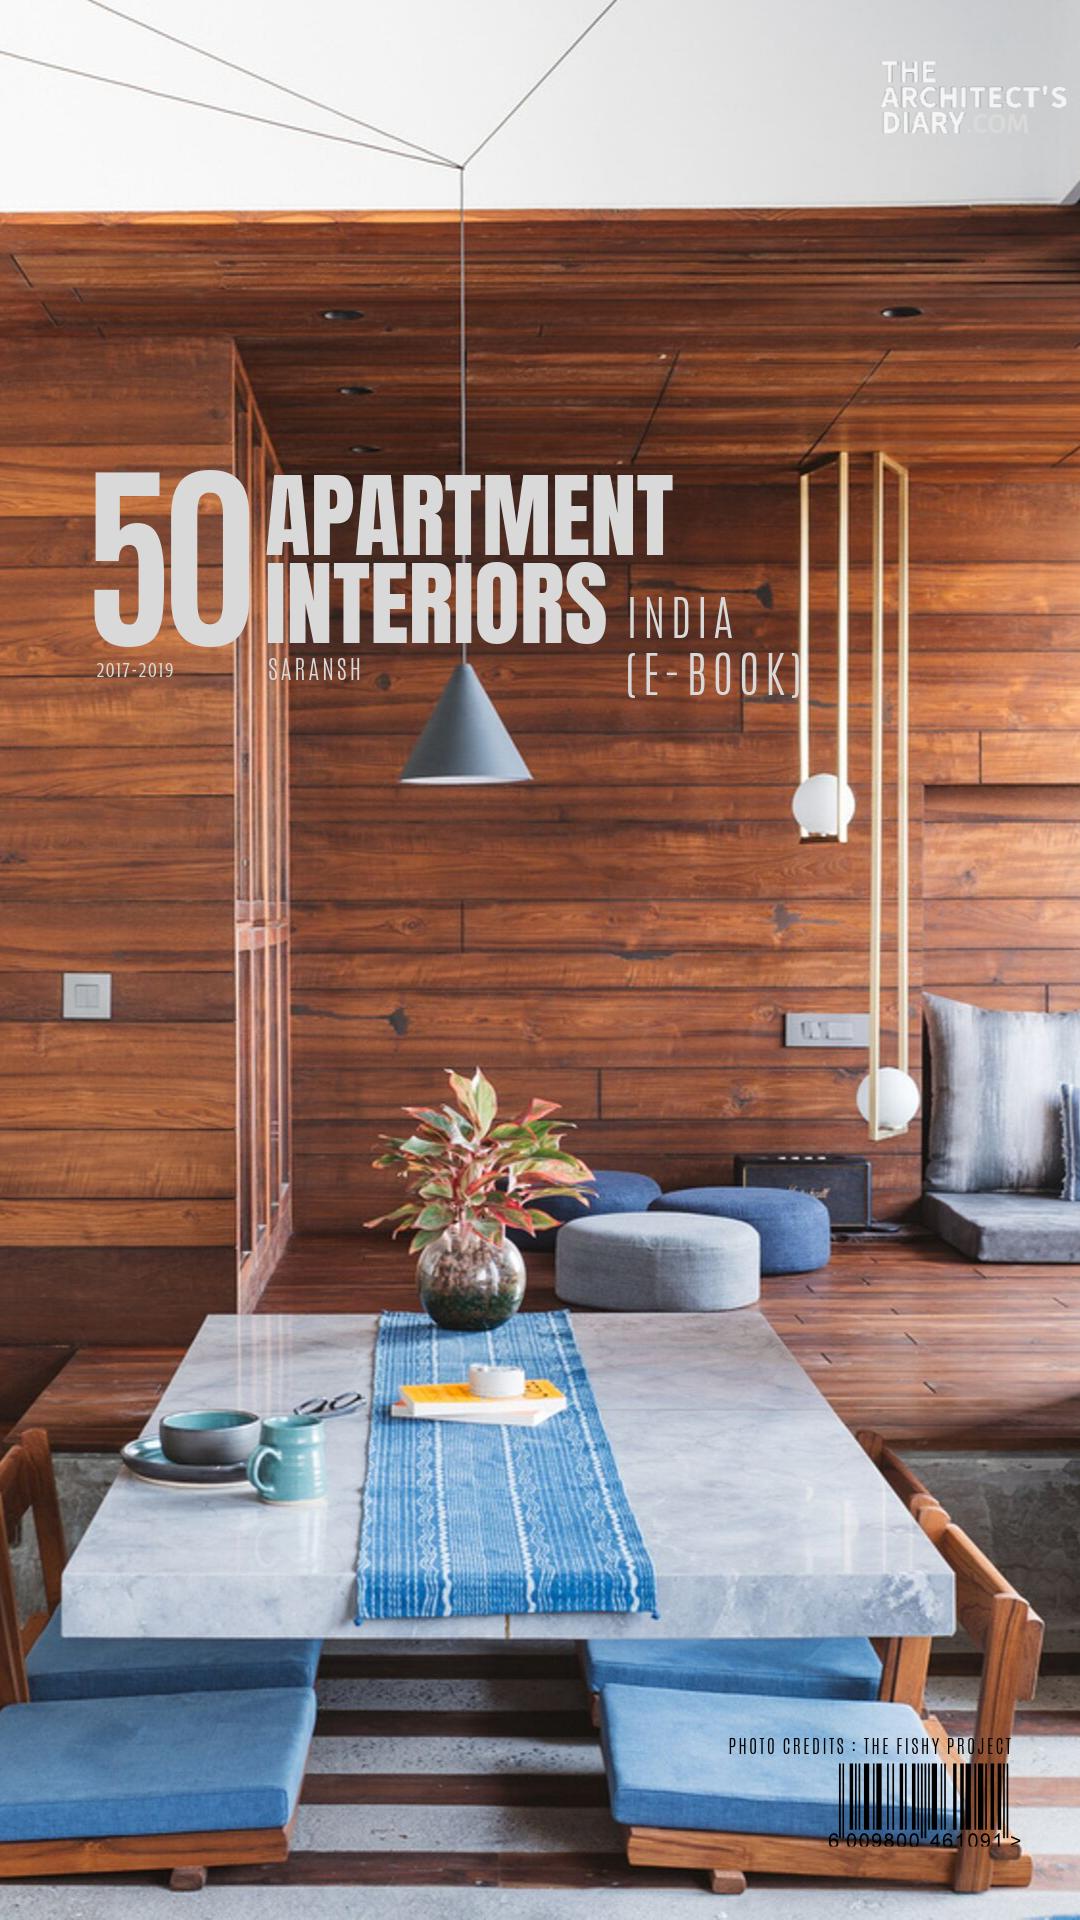 Residential Interior Design: 50 Apartment Interiors In India (E-BOOK In 2020